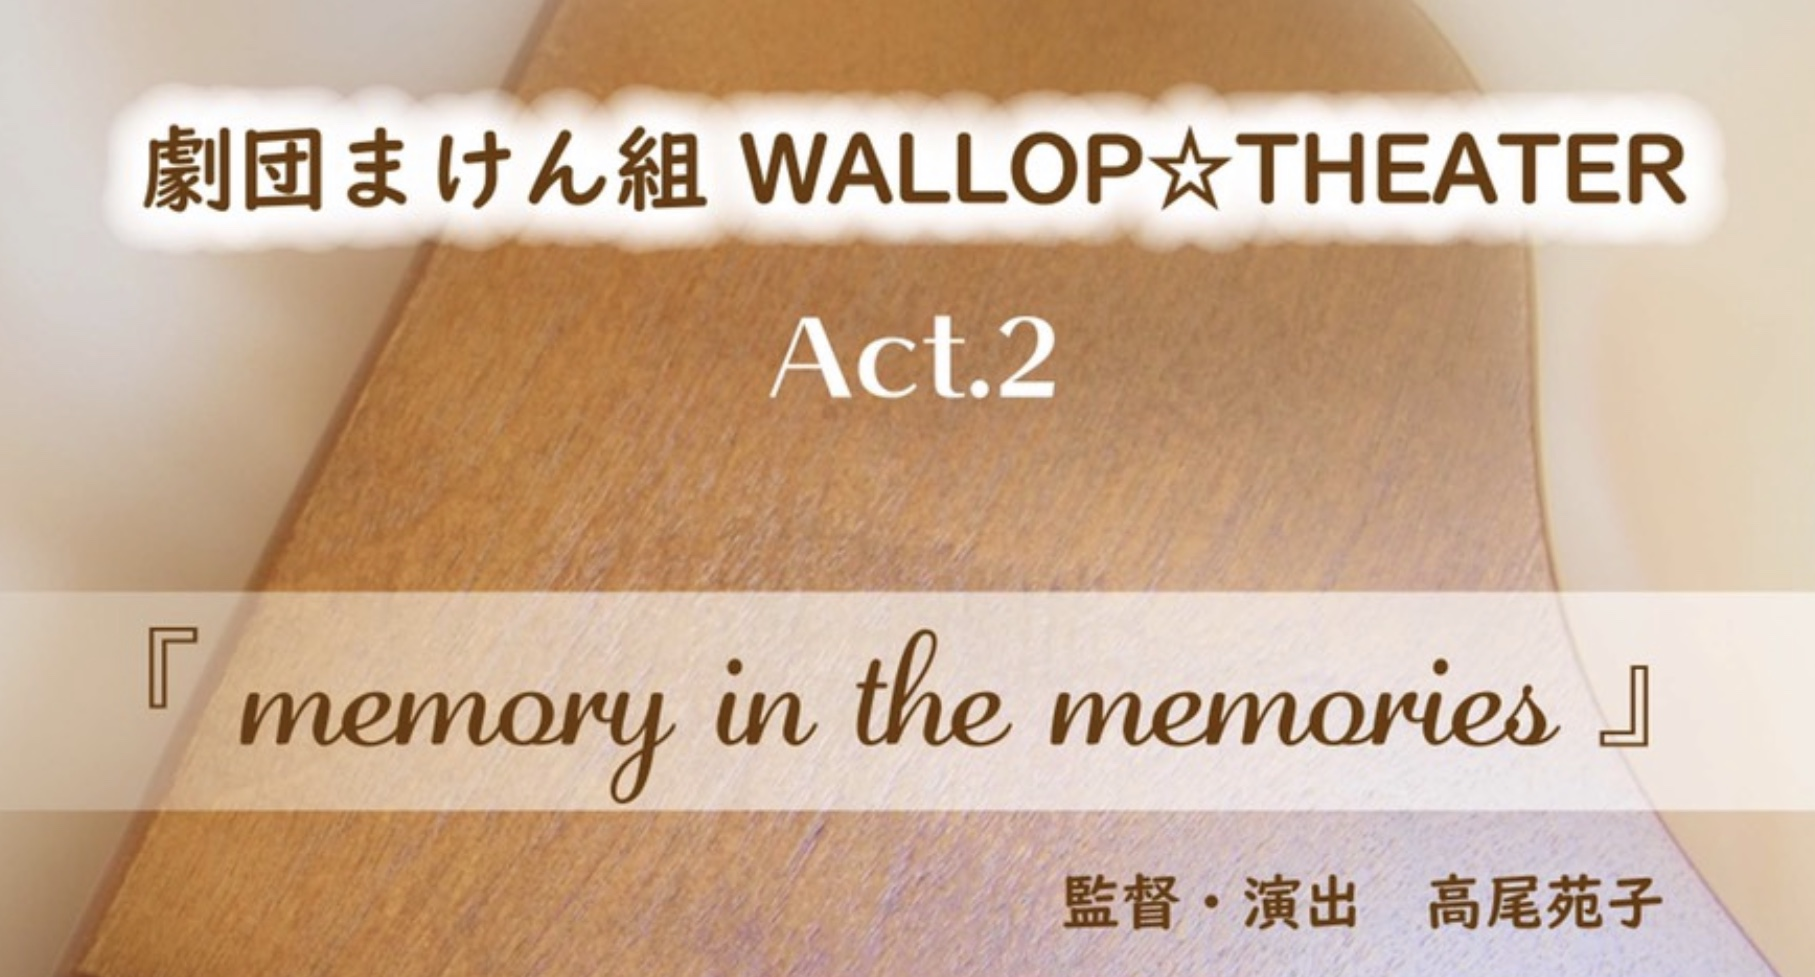 劇団まけん組 WALLOP☆THEATER 『memory in the memories』〜思い出の中の記憶〜